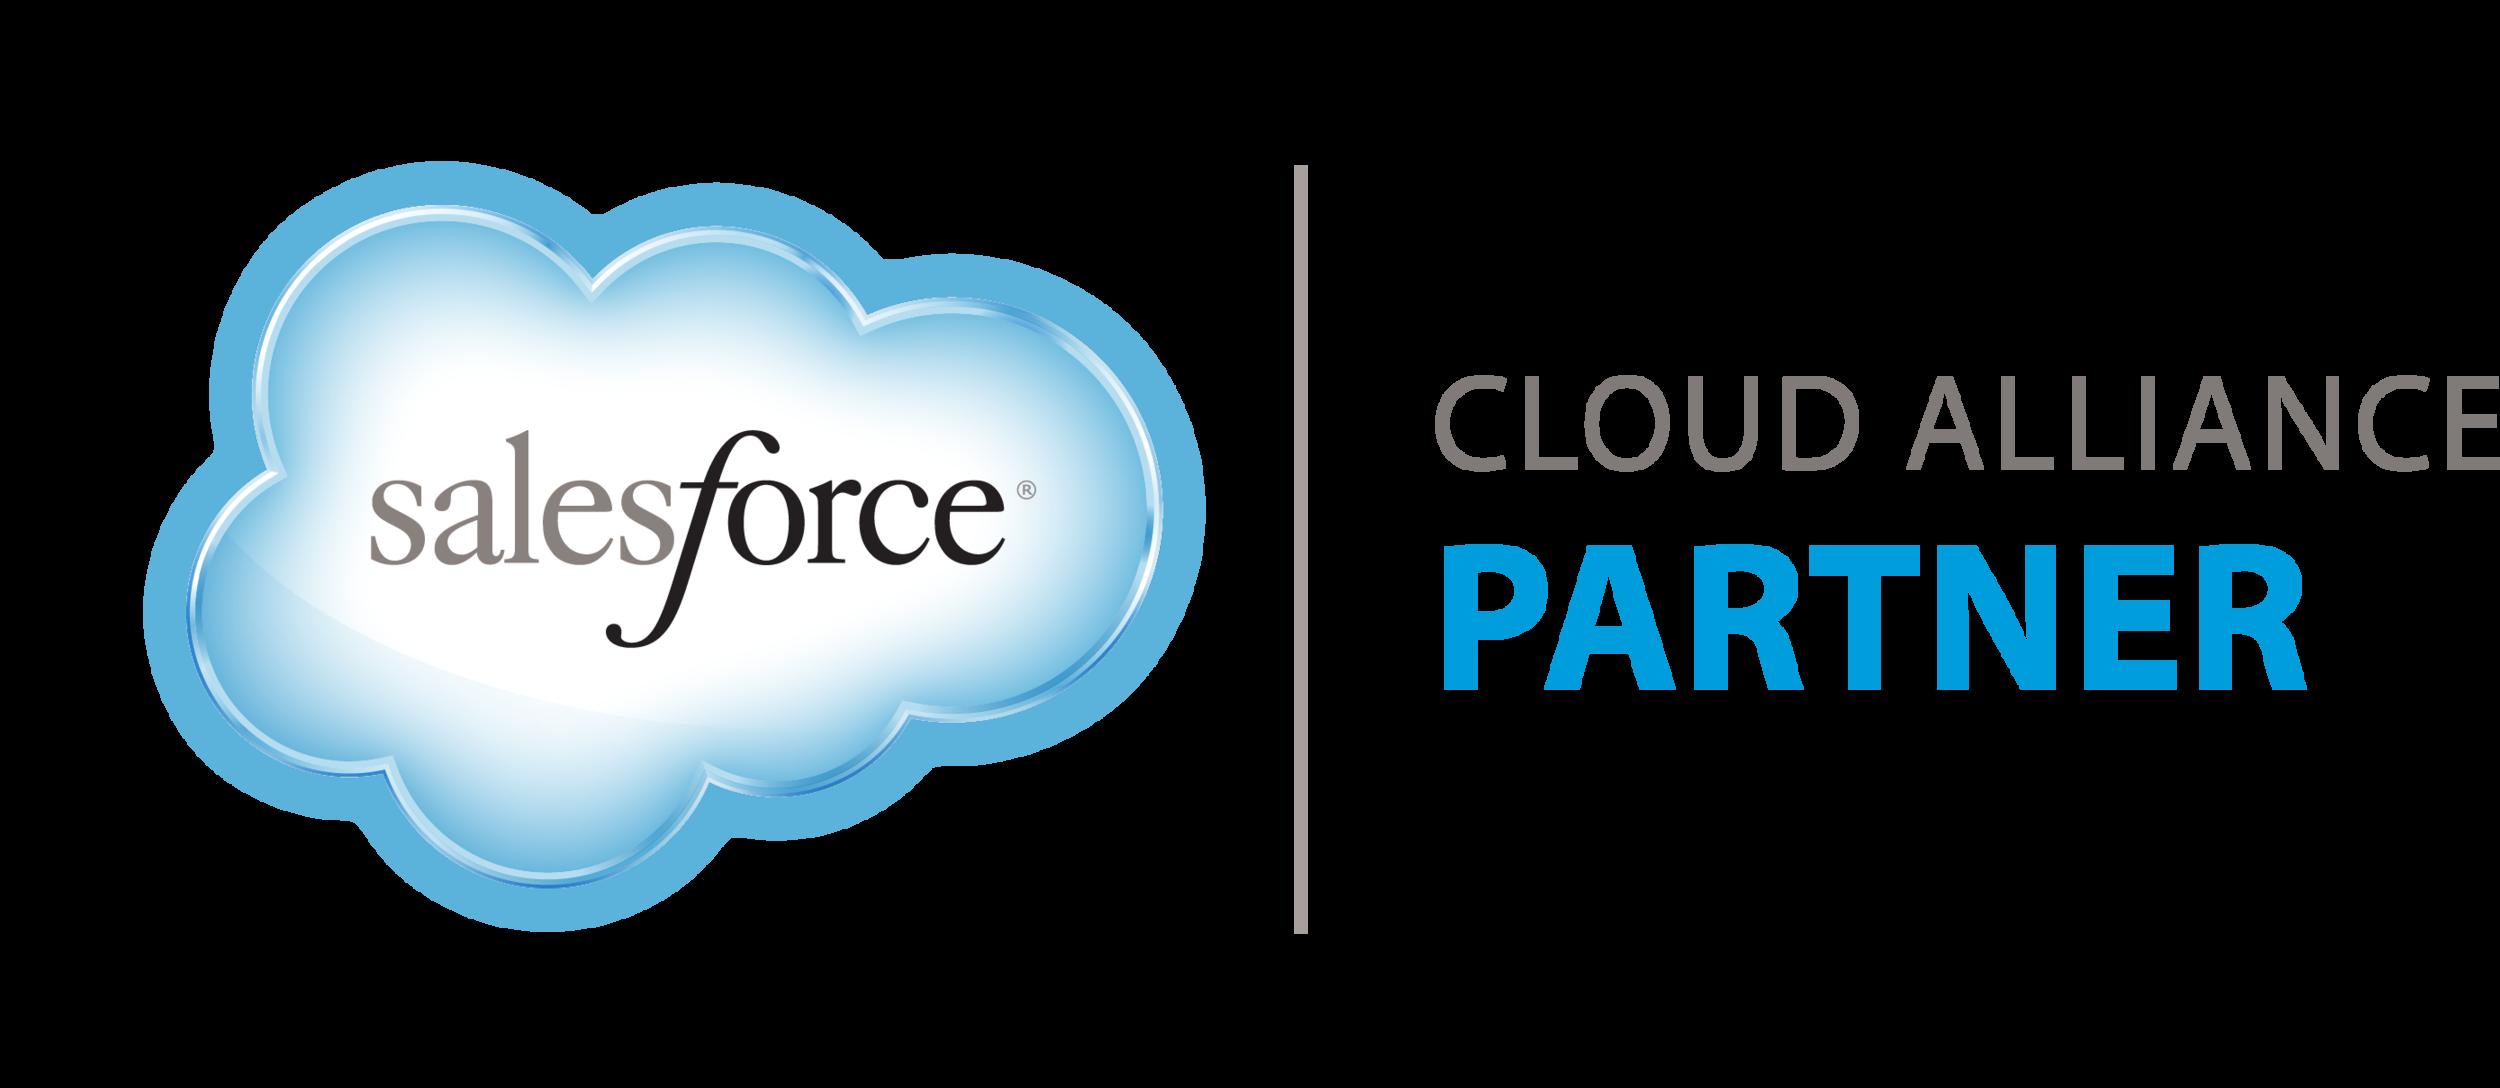 Cloud_Alliance_Partner_rgb.png